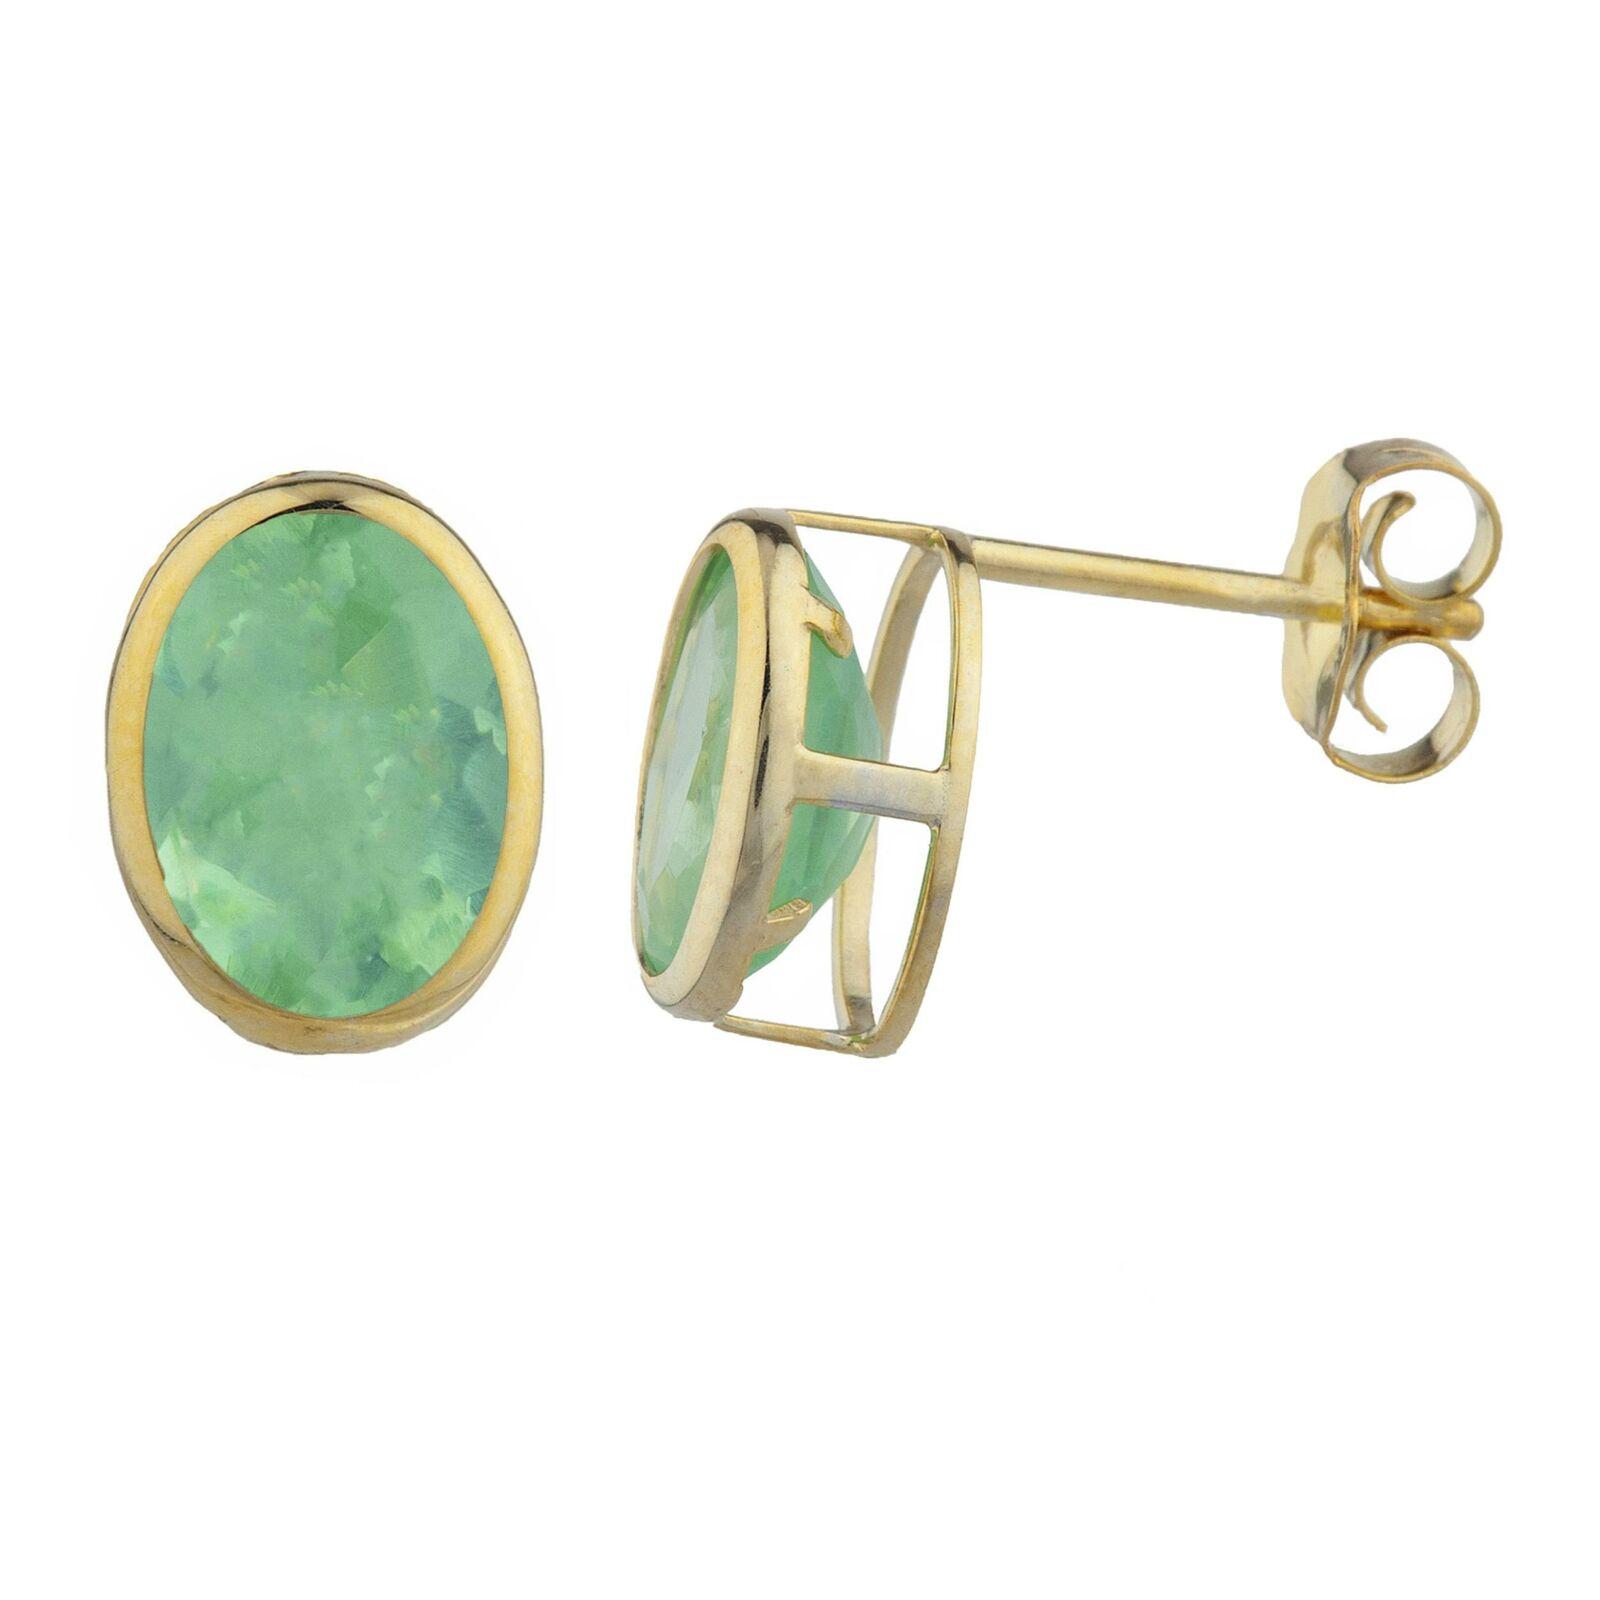 14Kt gold Green Sapphire Oval Bezel Stud Earrings